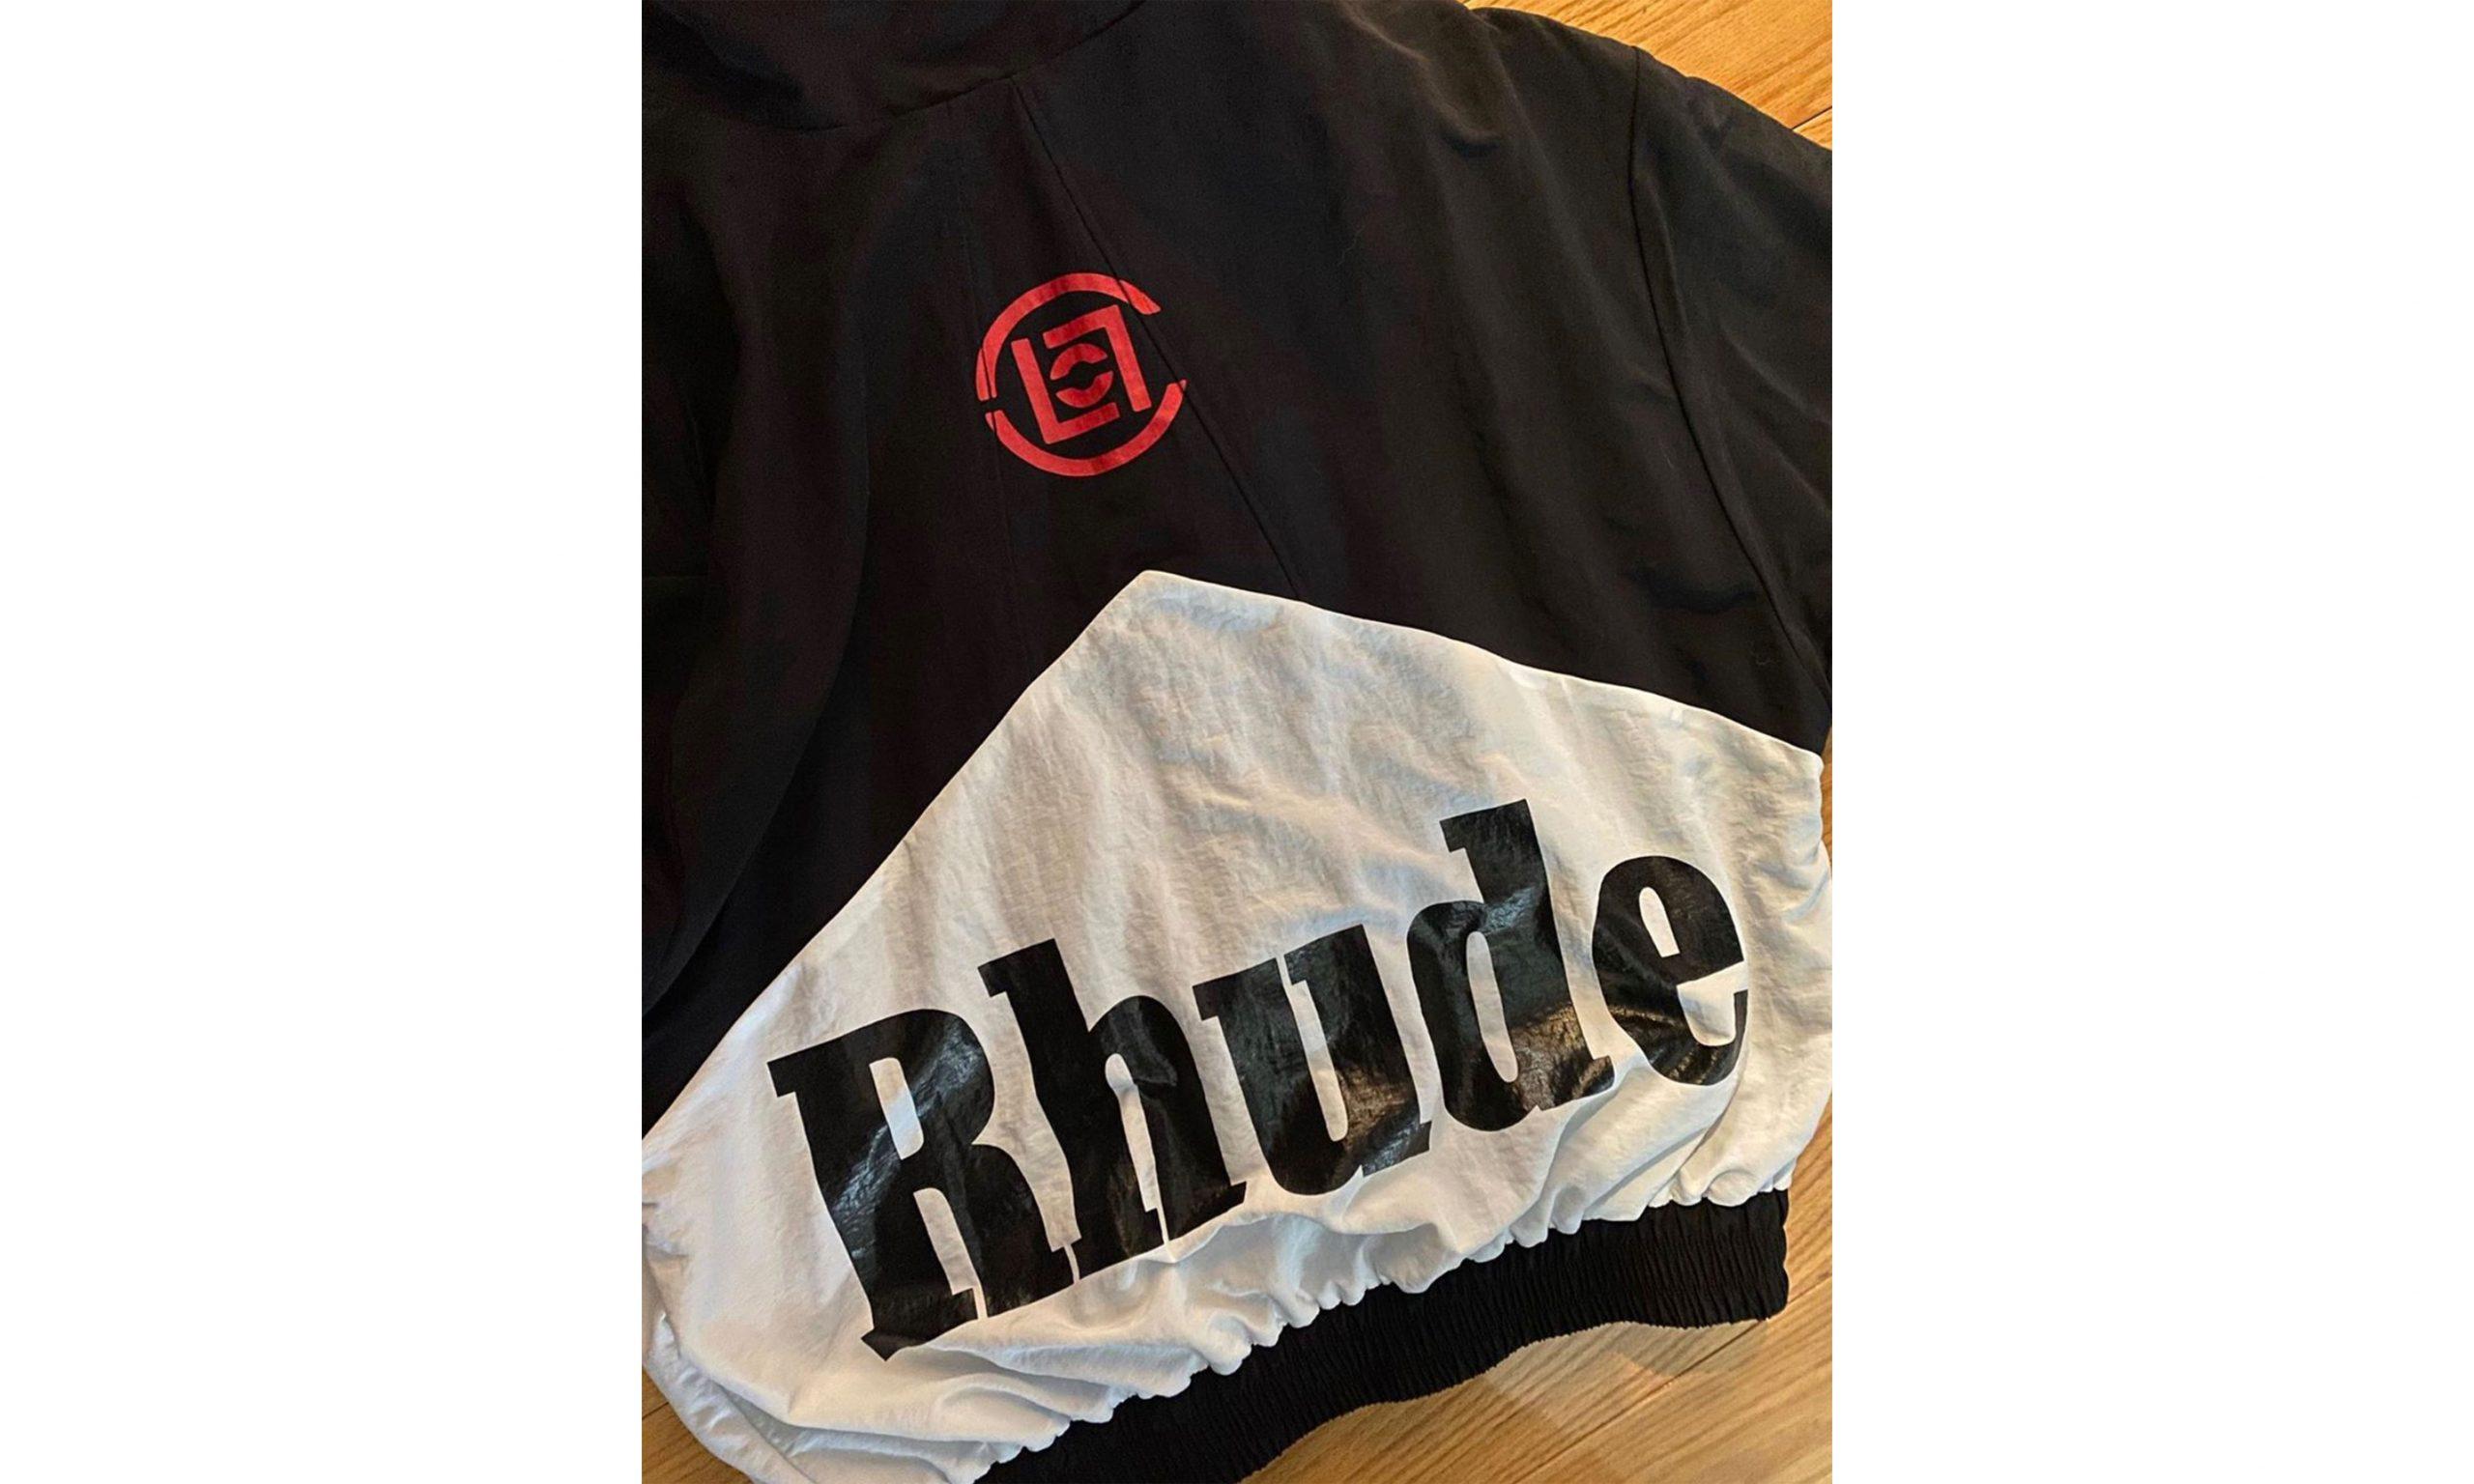 CLOT 将联手 RHUDE 打造联名合作系列